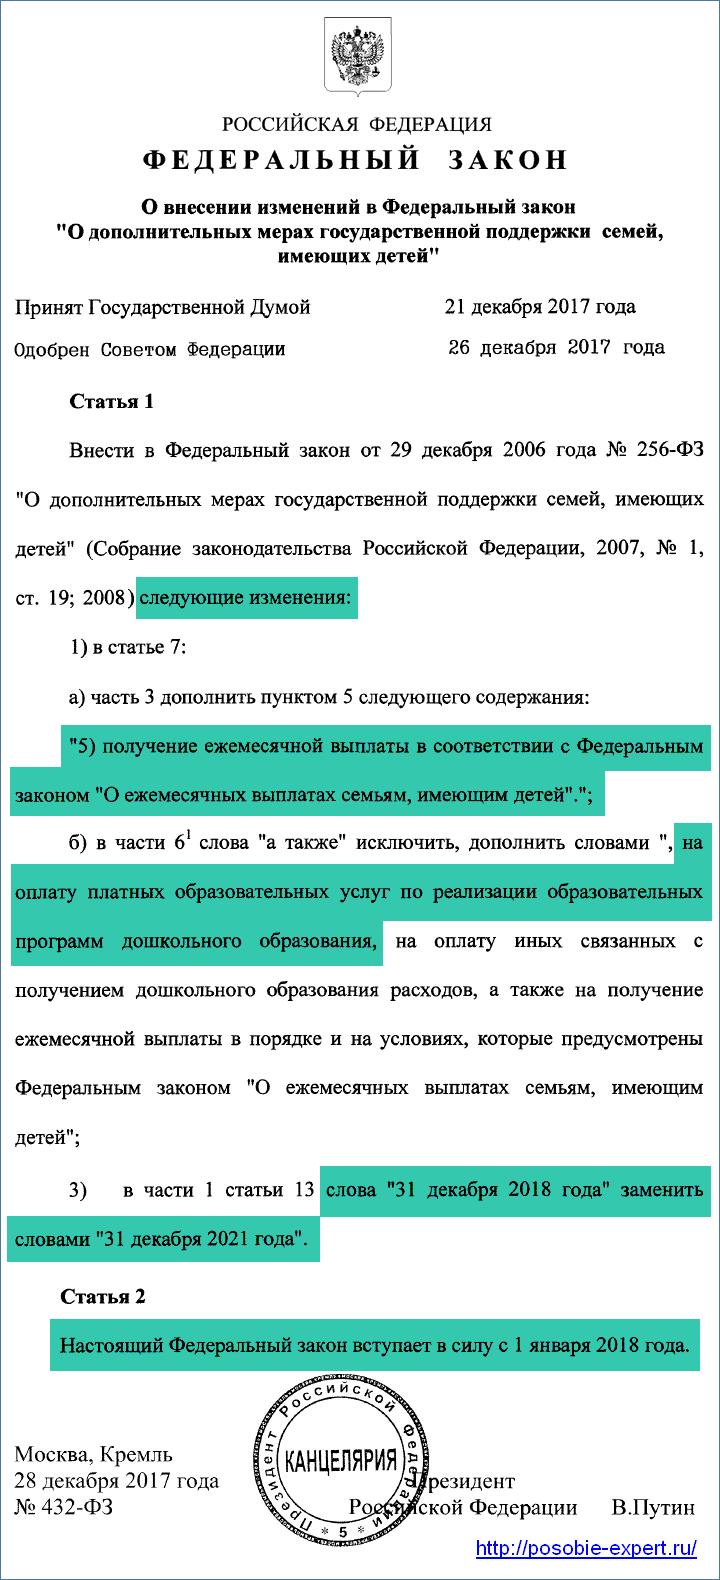 Материнский капитал продлили до 2021 включительно (закон)